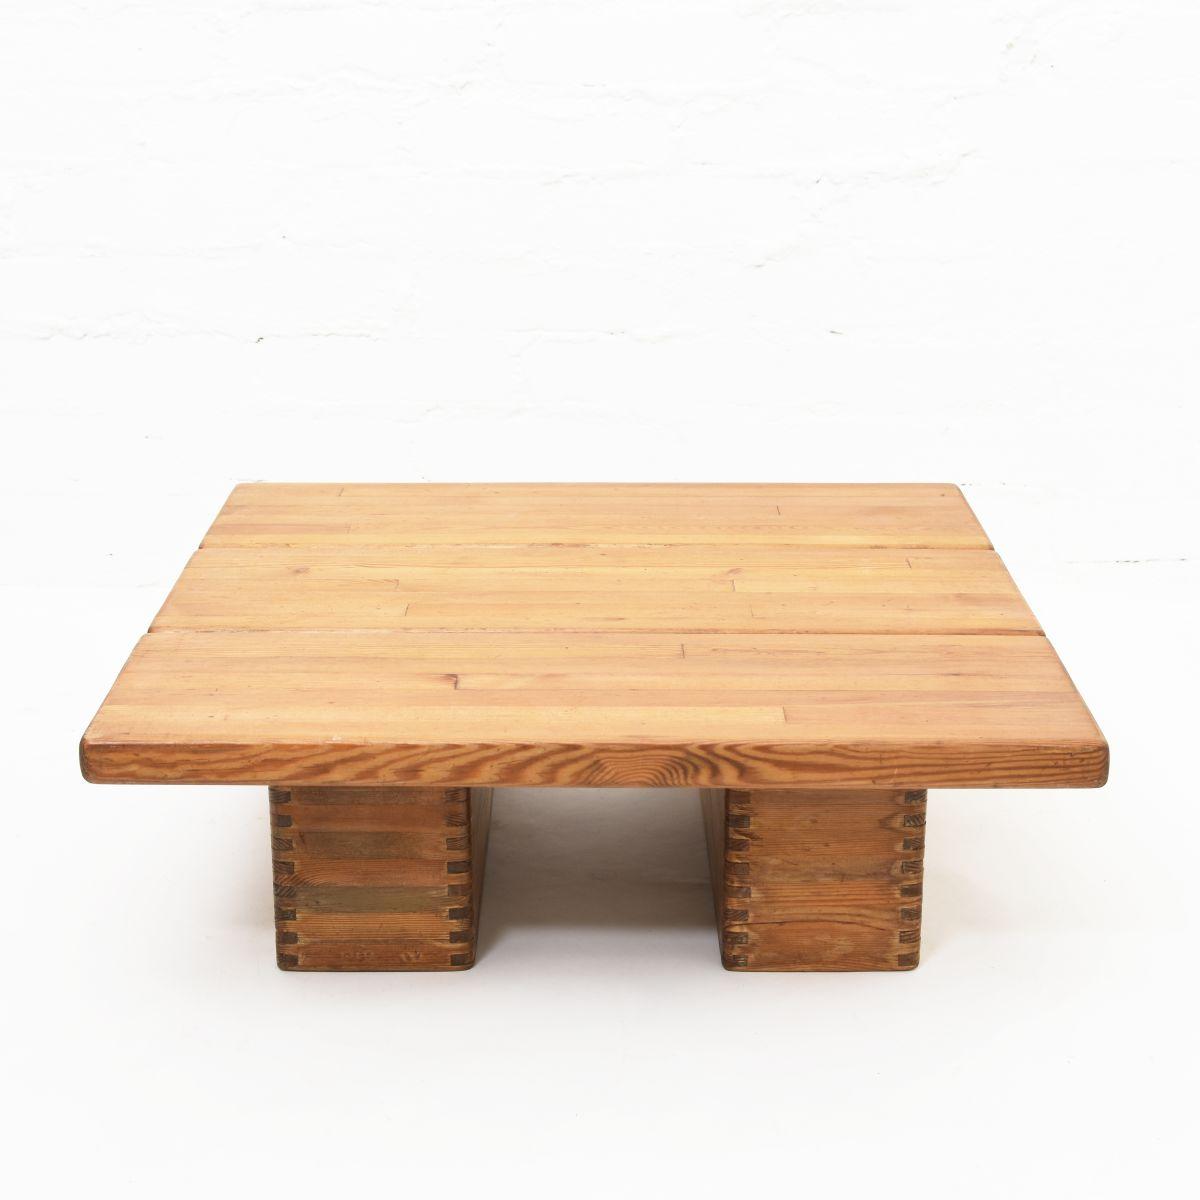 Tapiovaara-Ilmari-Lo-Coffee-Table-Pine